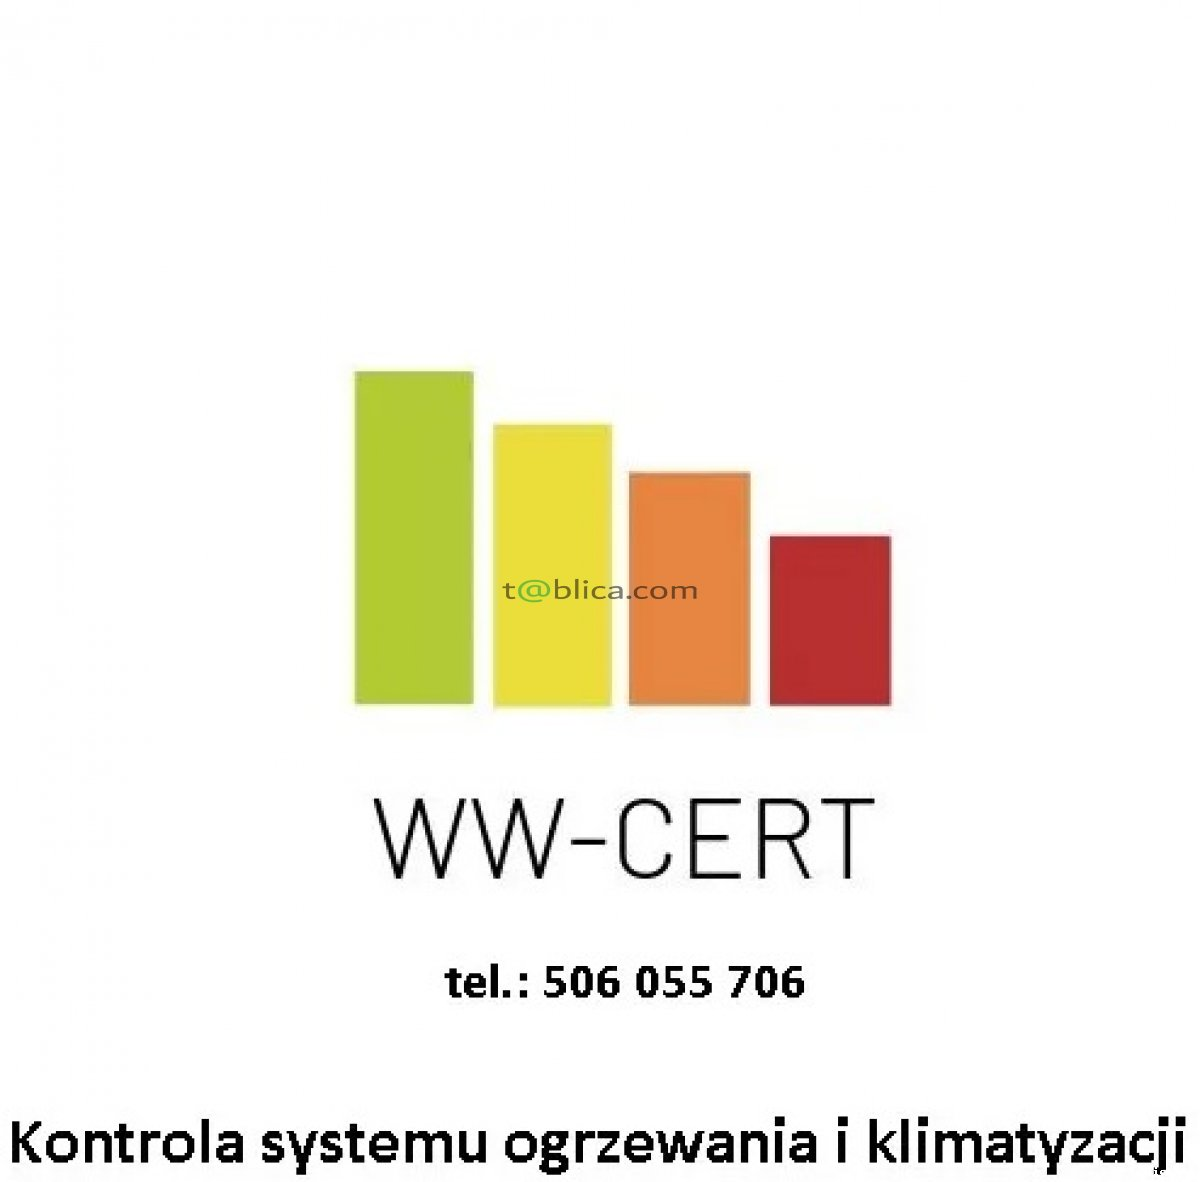 Kontrola systemu ogrzewania i klimatyzacji, Ocena